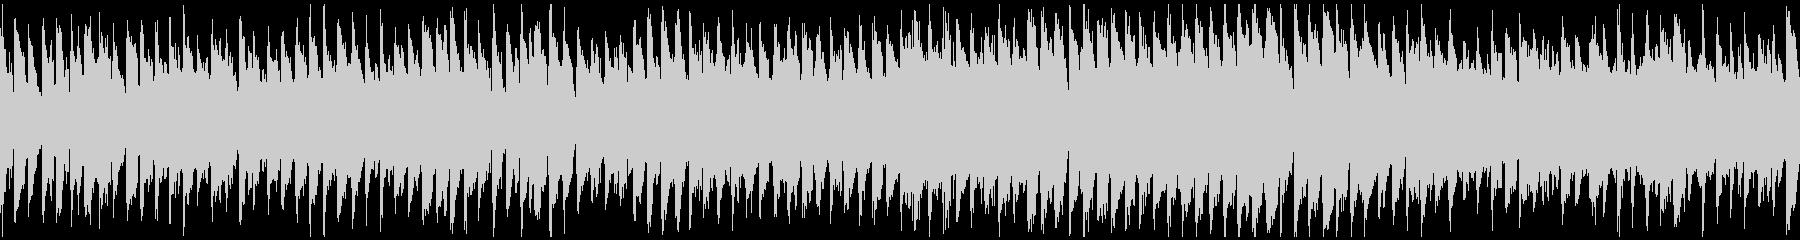 明るいリコーダー・ポップ ※ループ仕様版の未再生の波形